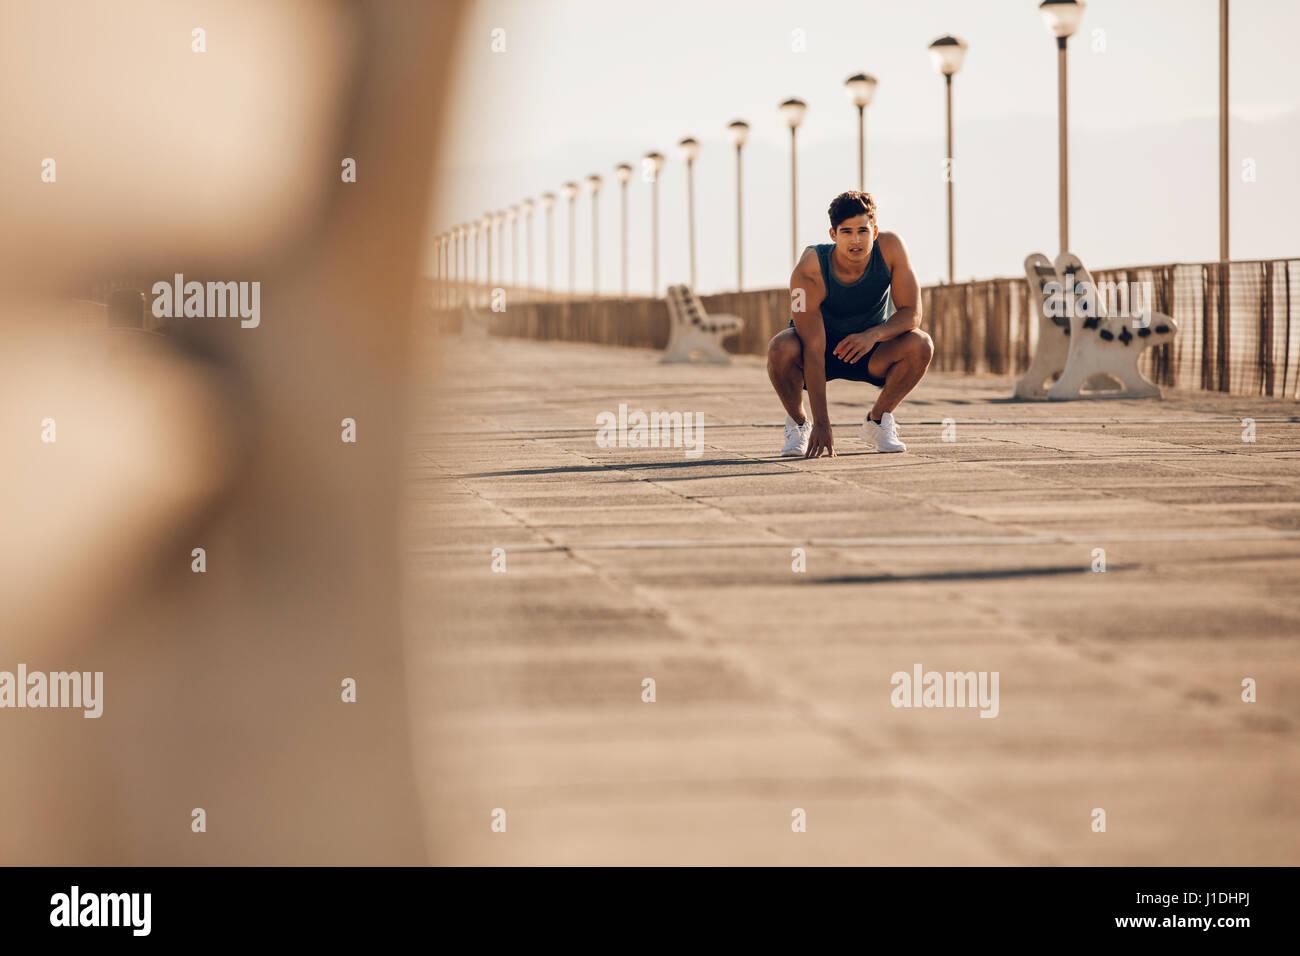 Schuss von gesunden jungen Mann eine Pause nach Morgen laufen. Männliche Läufer nach dem Ausführen Stockbild